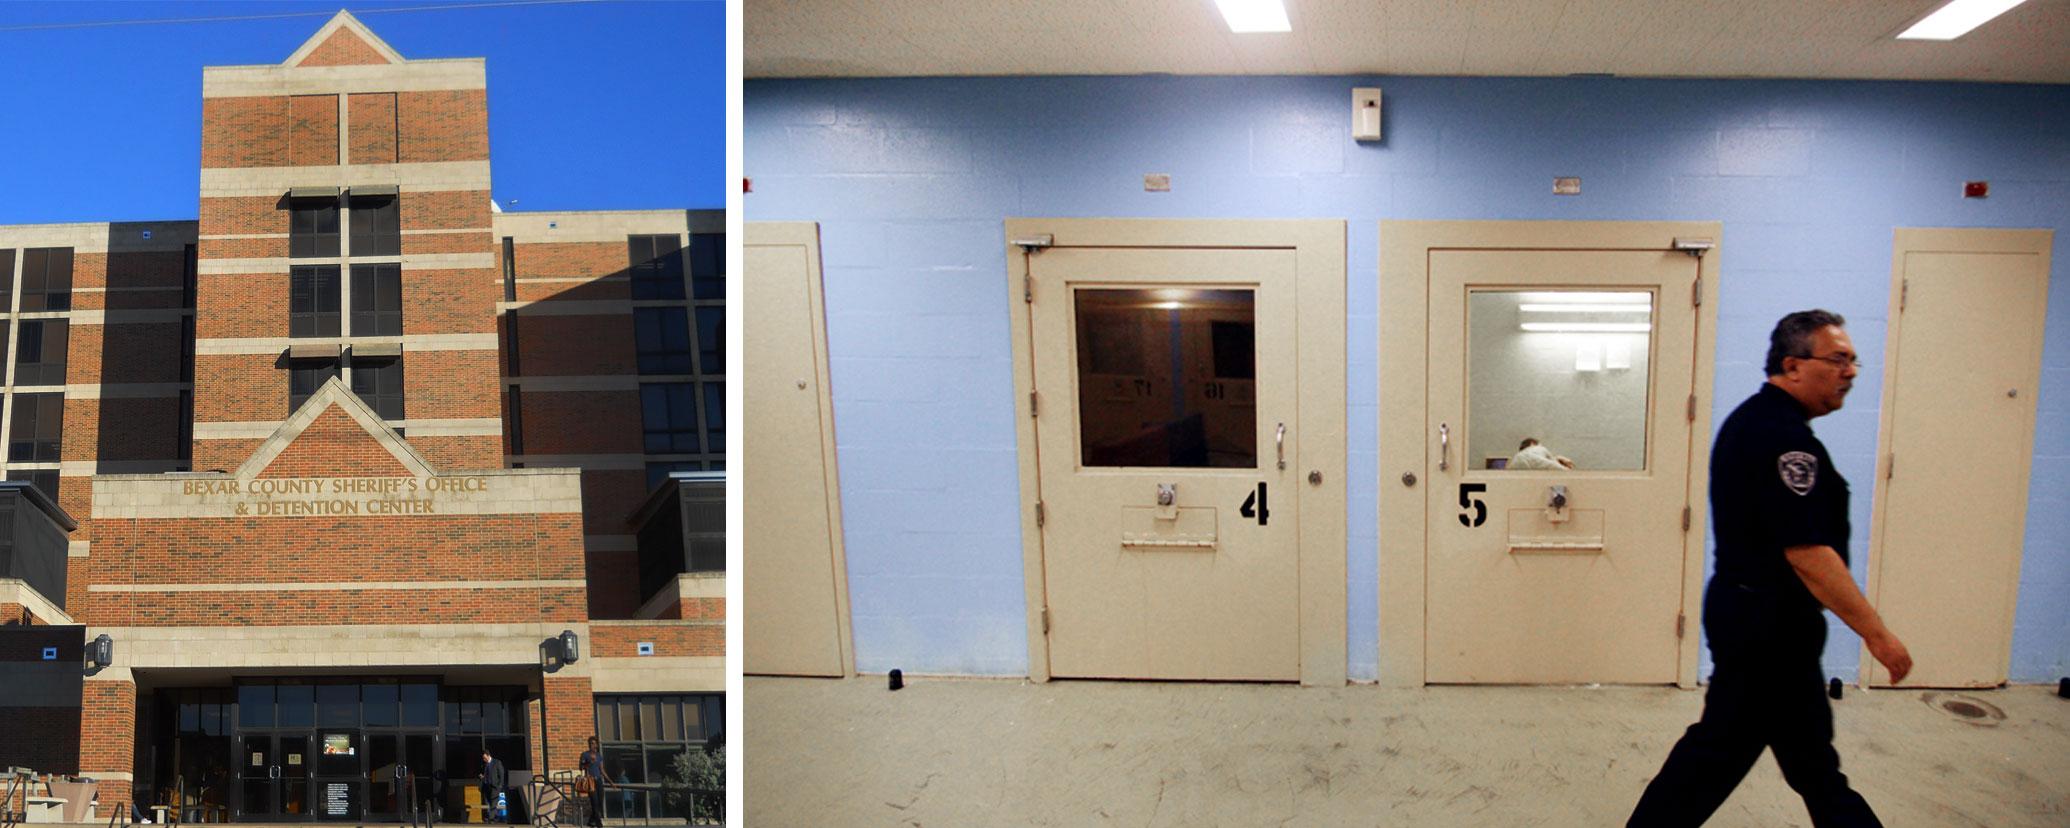 Caddell Construction - Bextar County Detention Center